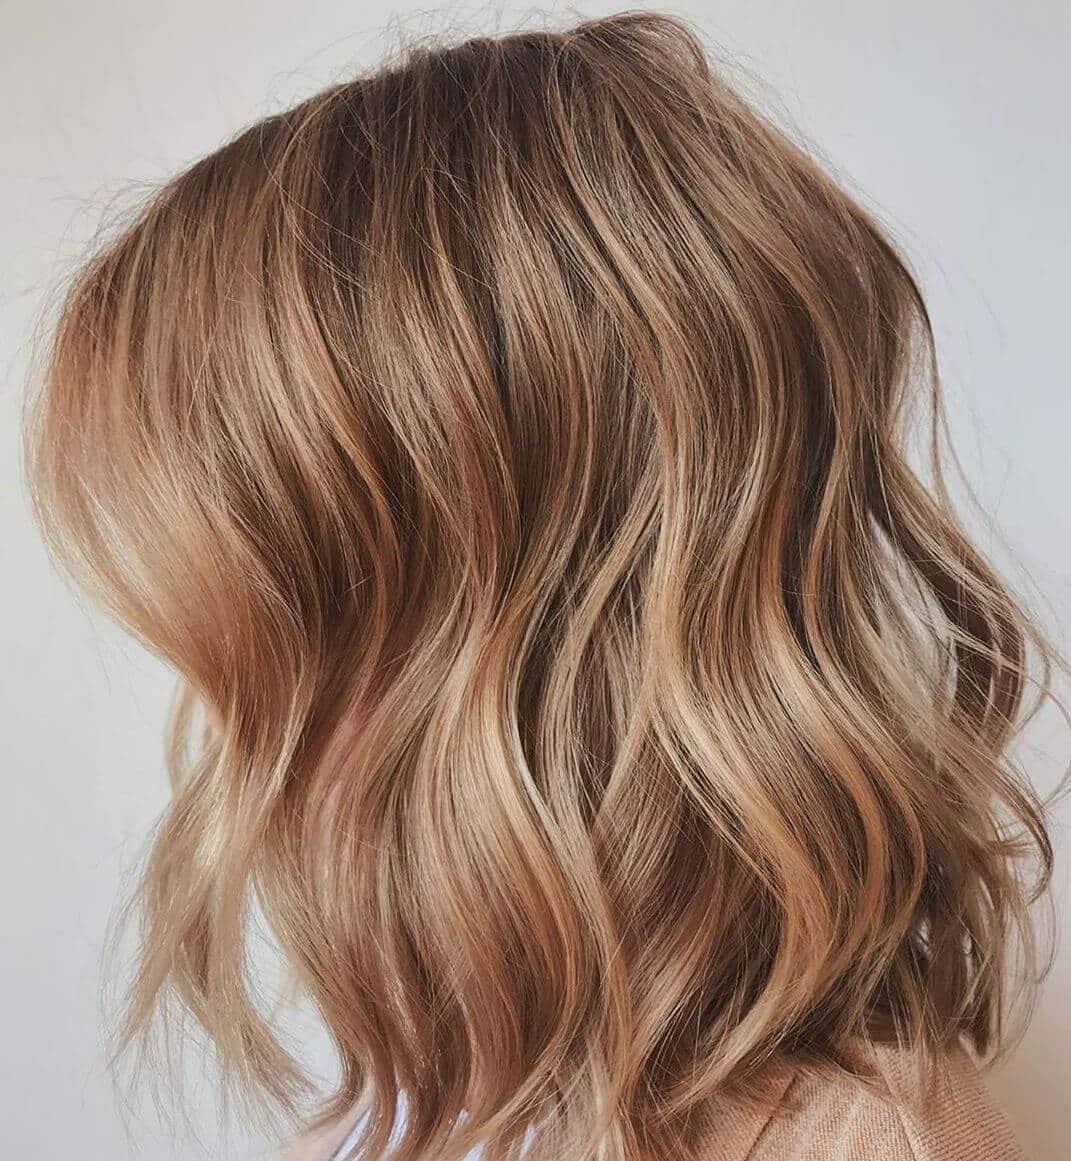 capelli biondo caramello inverno 2019-2020